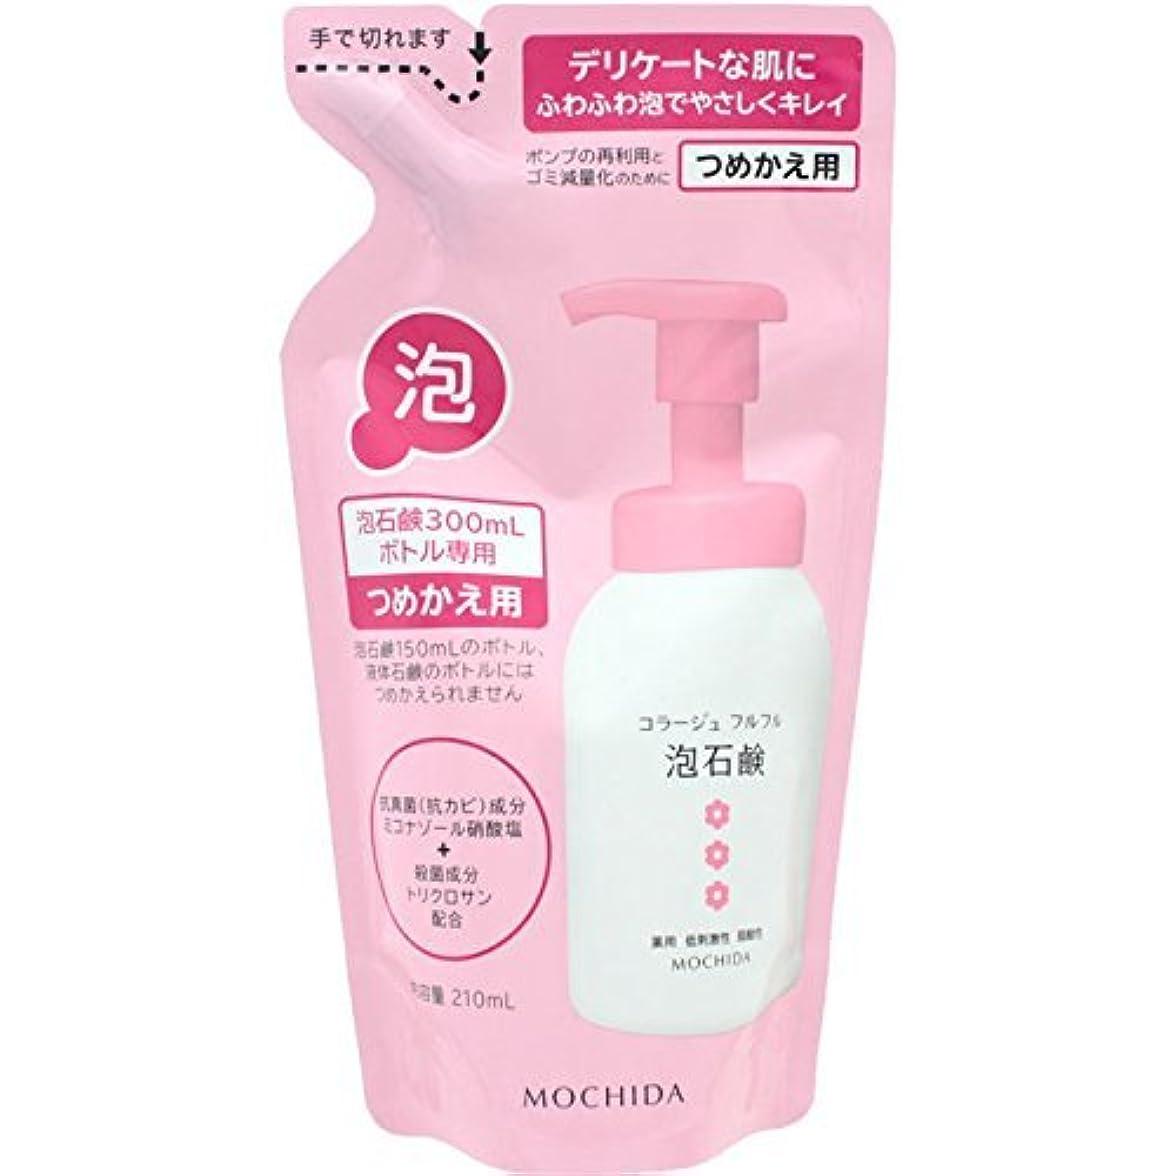 シーケンス手つかずの霧深いコラージュフルフル 泡石鹸 ピンク つめかえ用 210mL (医薬部外品)×8